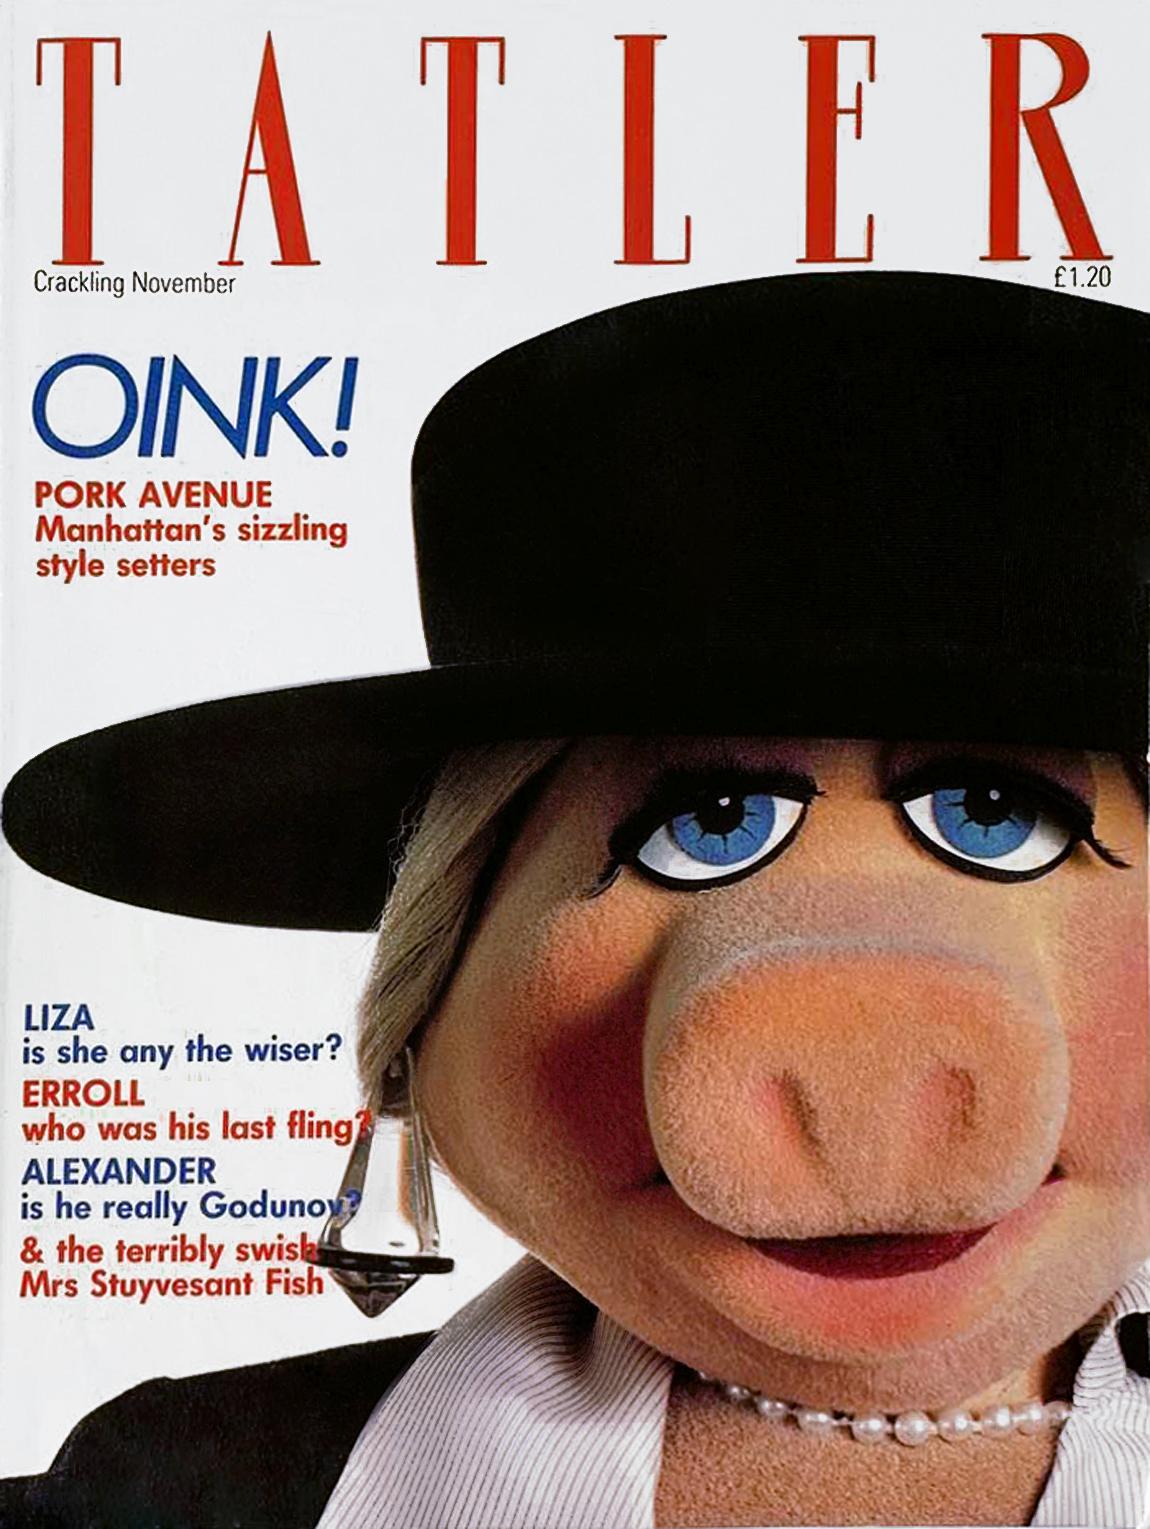 File:Tatler magazine - November 1982.jpg